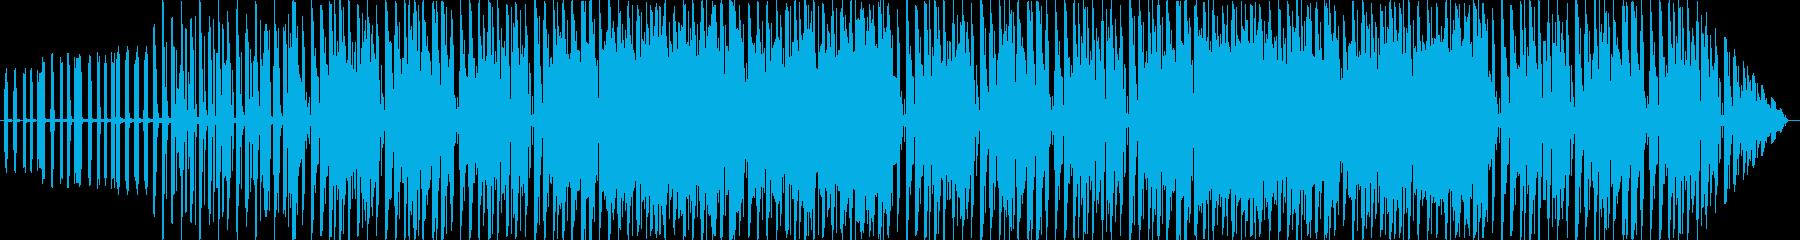 クールで軽快な短いループBGMの再生済みの波形